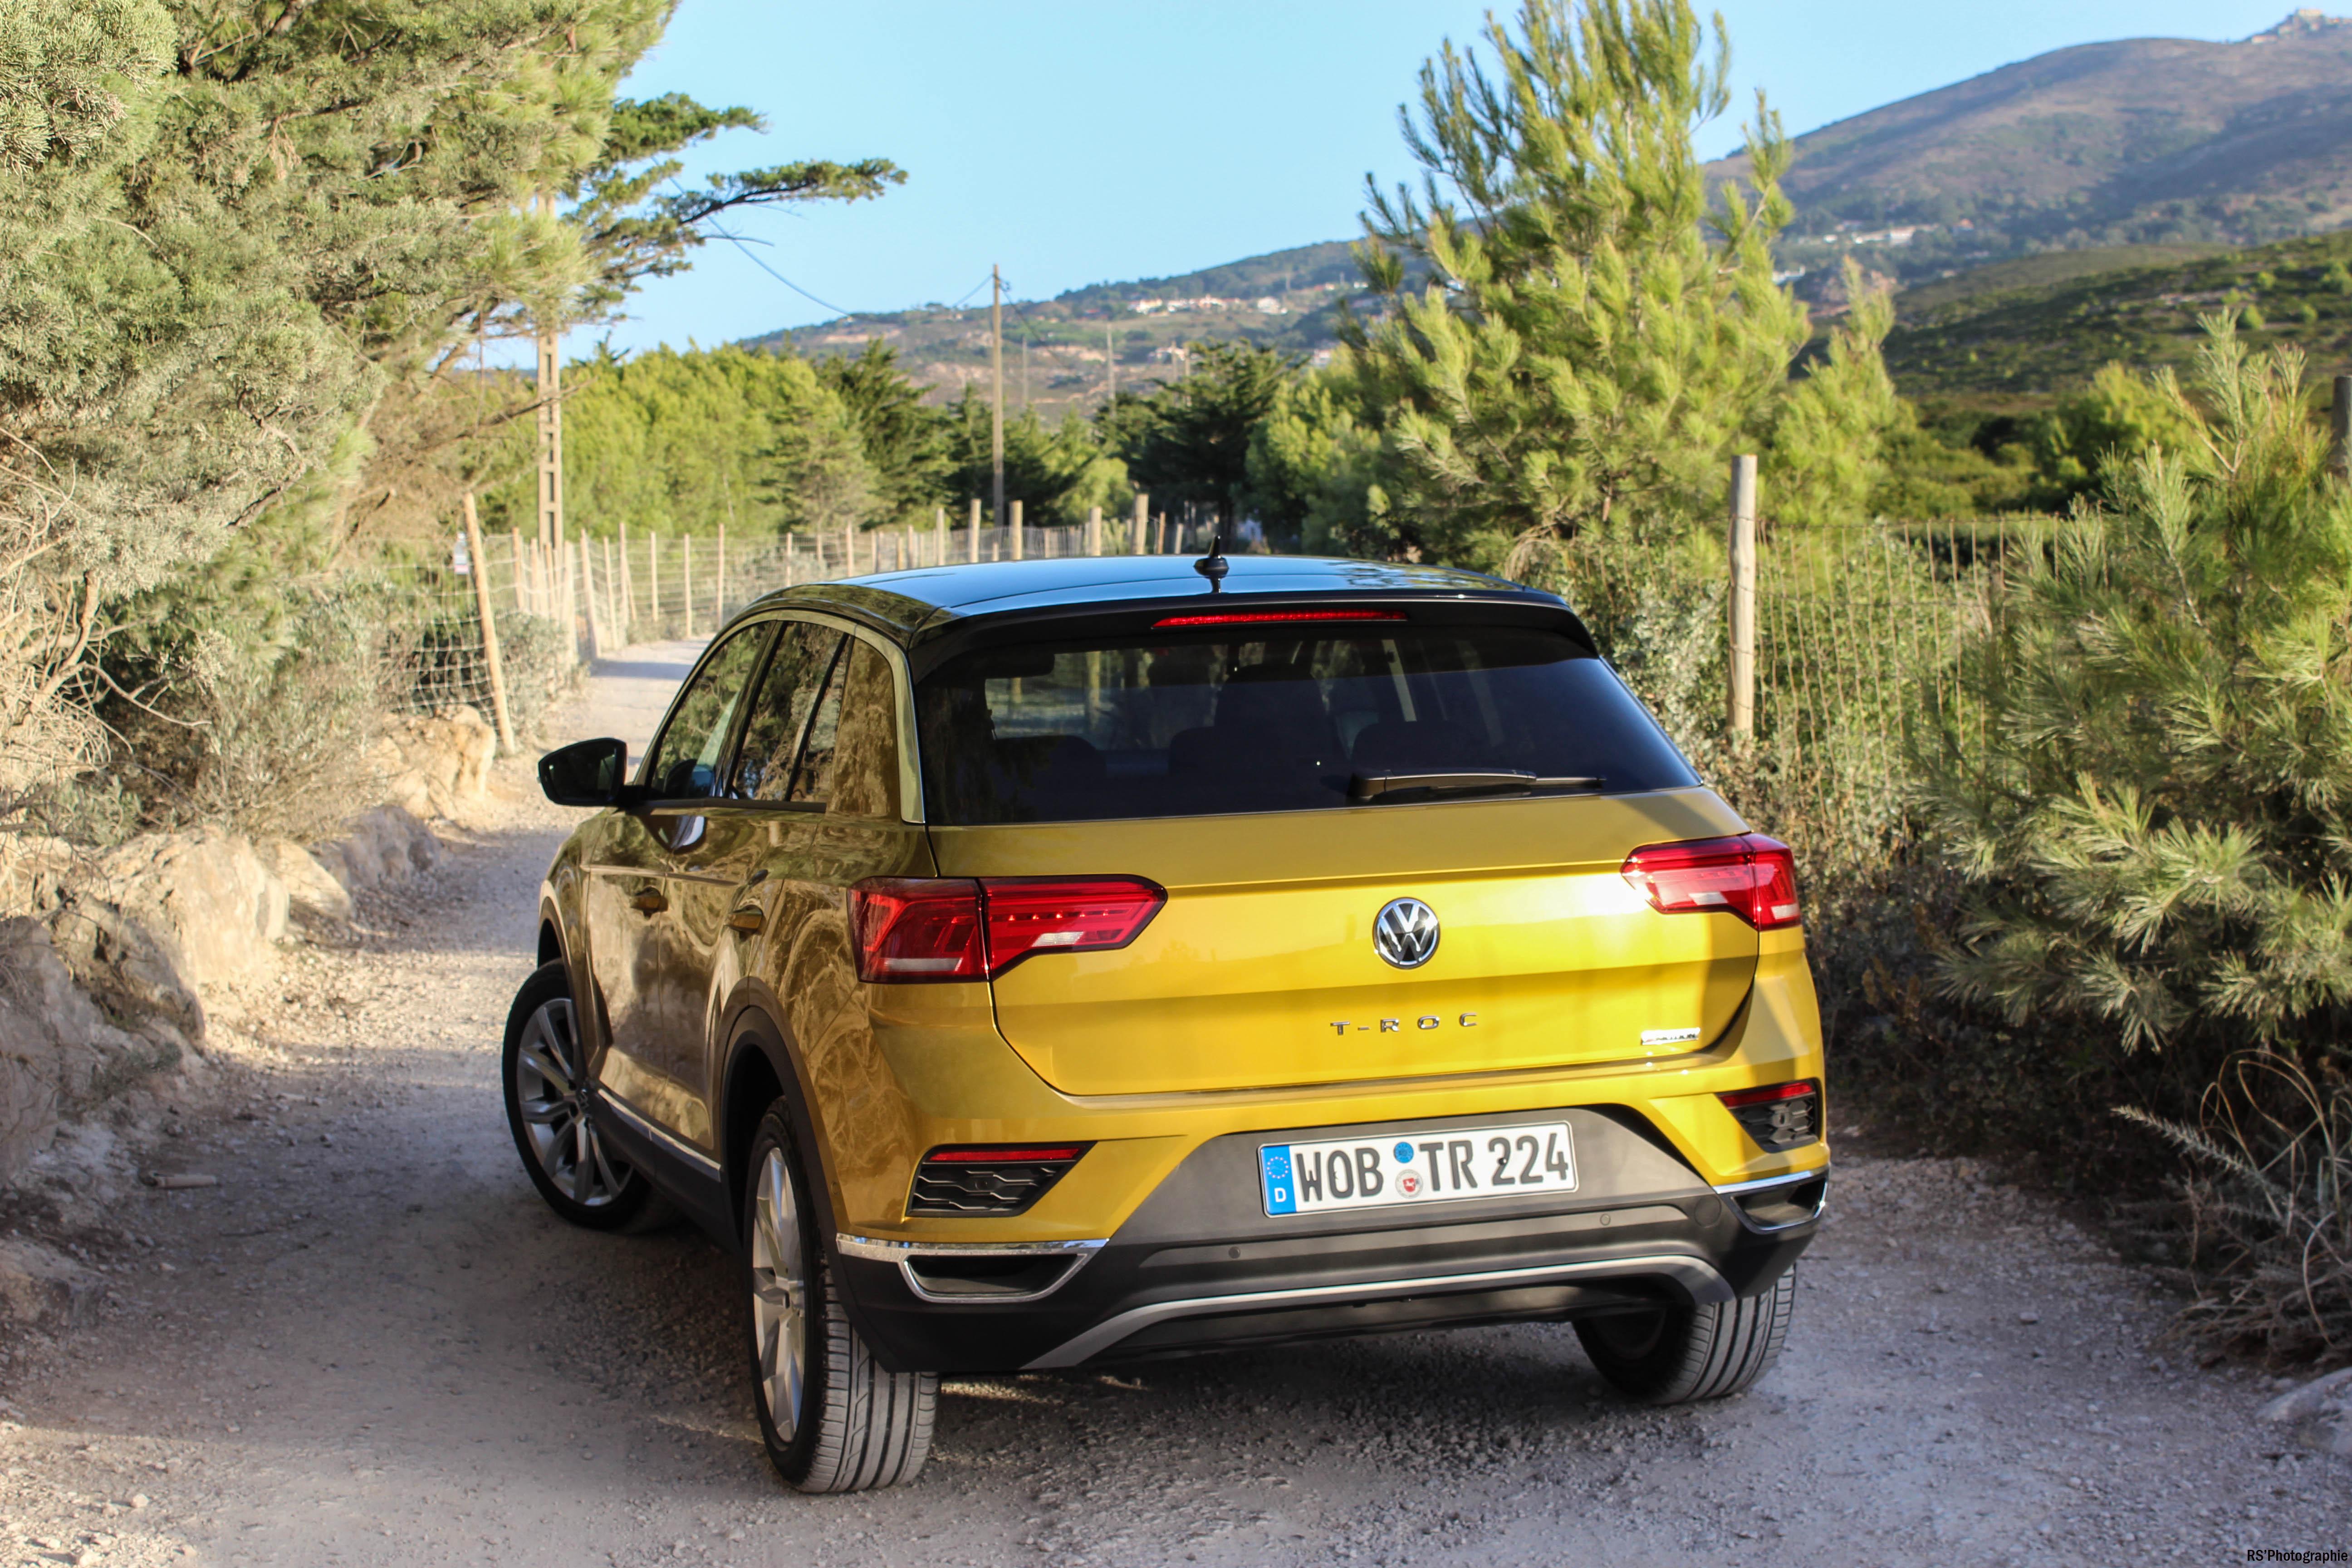 Volkswagentroc87-vw-t-roc-arriere-rear-Arnaud Demasier-RSPhotographie